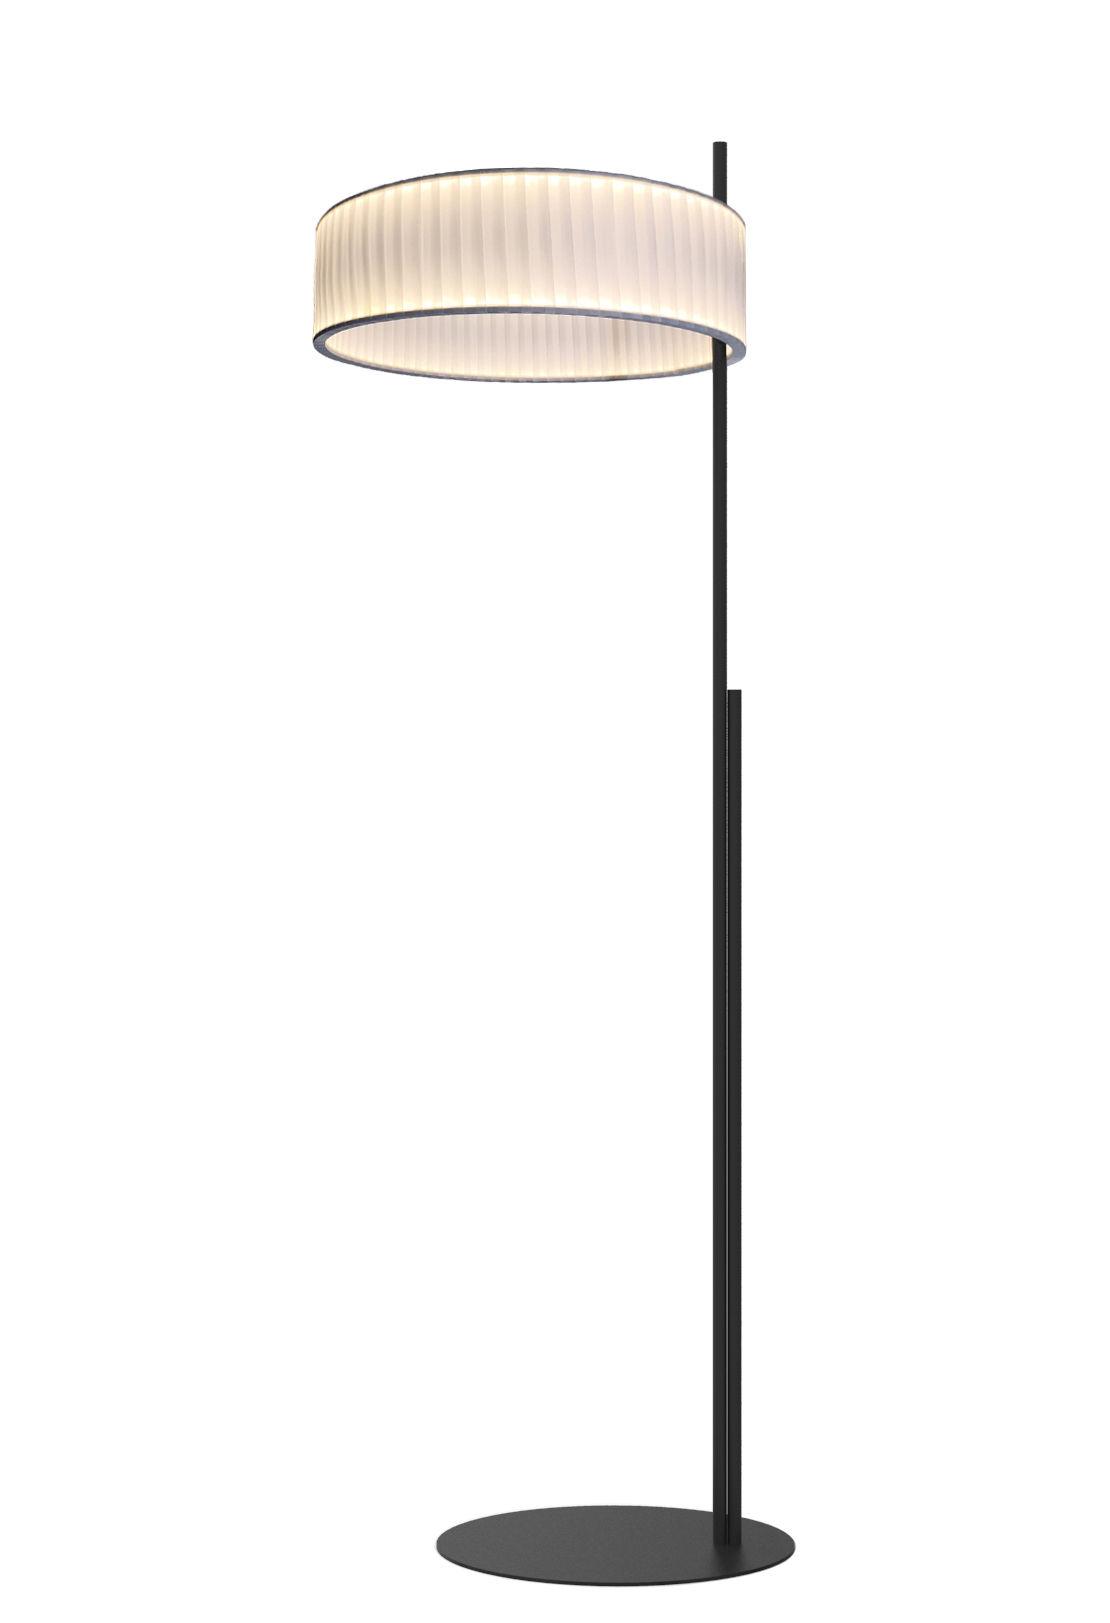 Luminaire - Lampadaires - Lampadaire Ronde / LED double flux - Ø 60 cm - Dix Heures Dix - Blanc - Inox, Métal laqué, Tissu